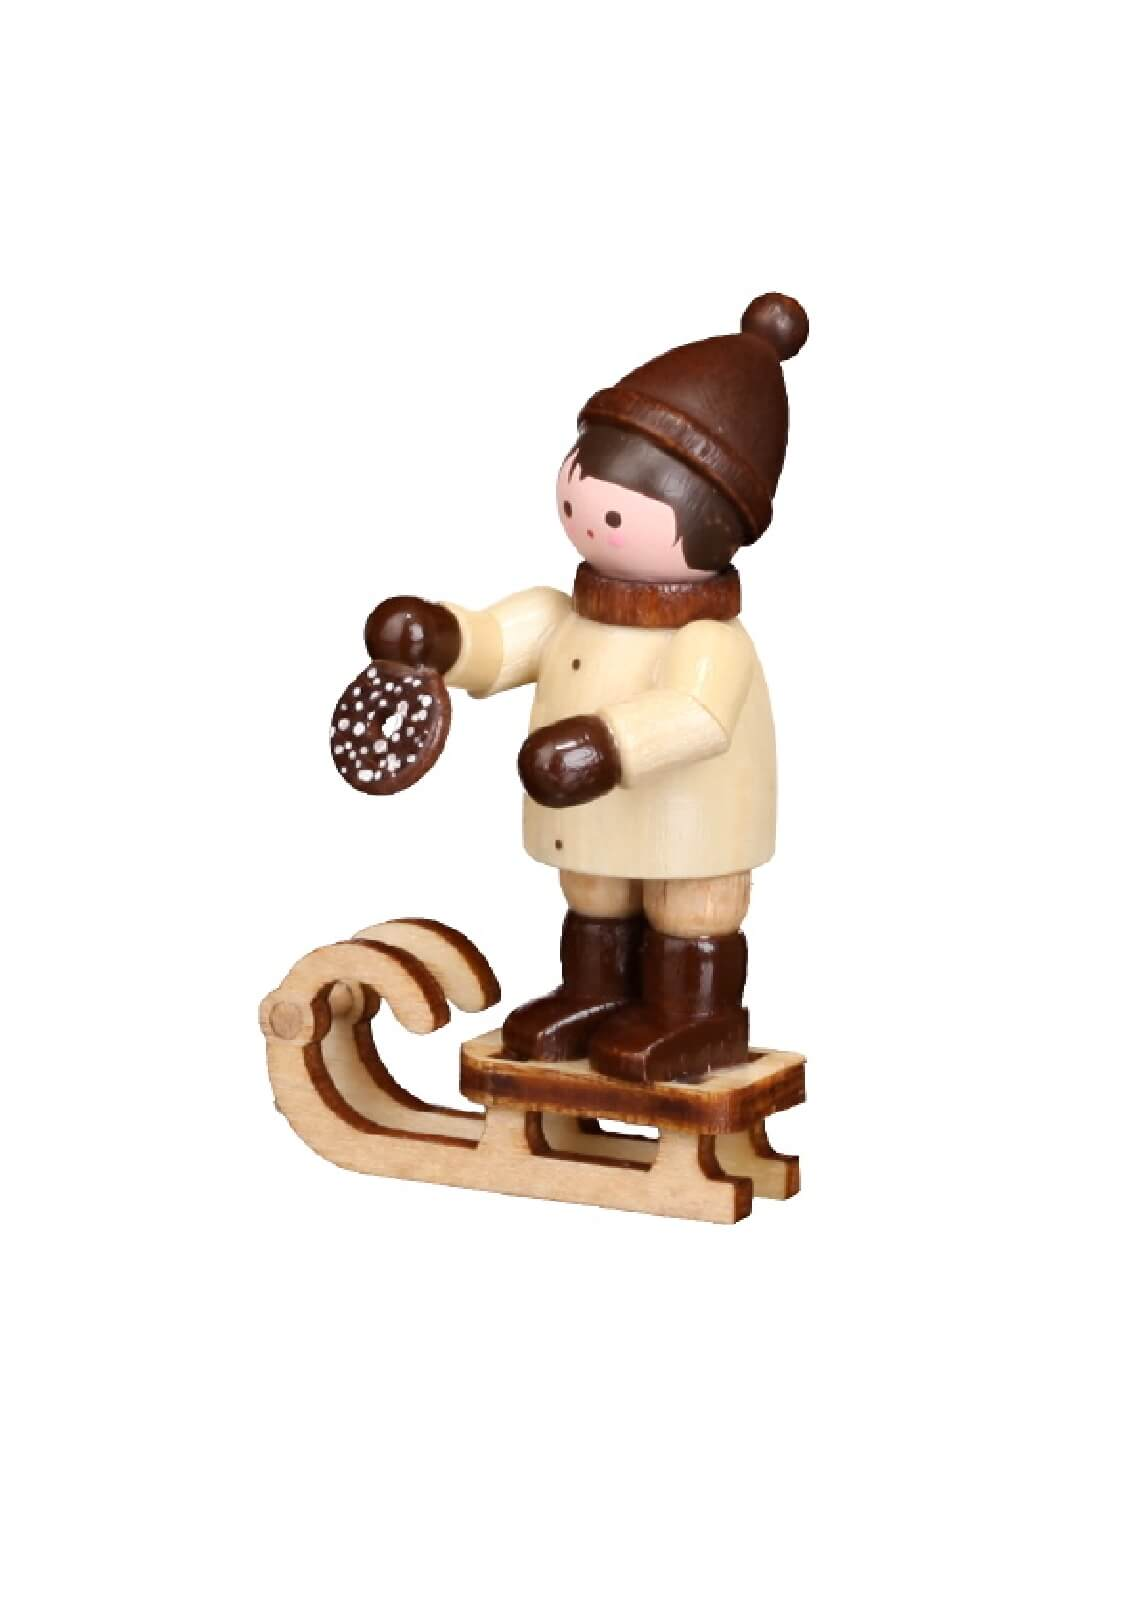 Oje, immer noch zu klein ist dieses Winterkind mit Meisenknödel, mini von Romy Thiel Deutschneudorf/ Erzgebirge. Mal sehen ob der Schlitten reicht, um den …